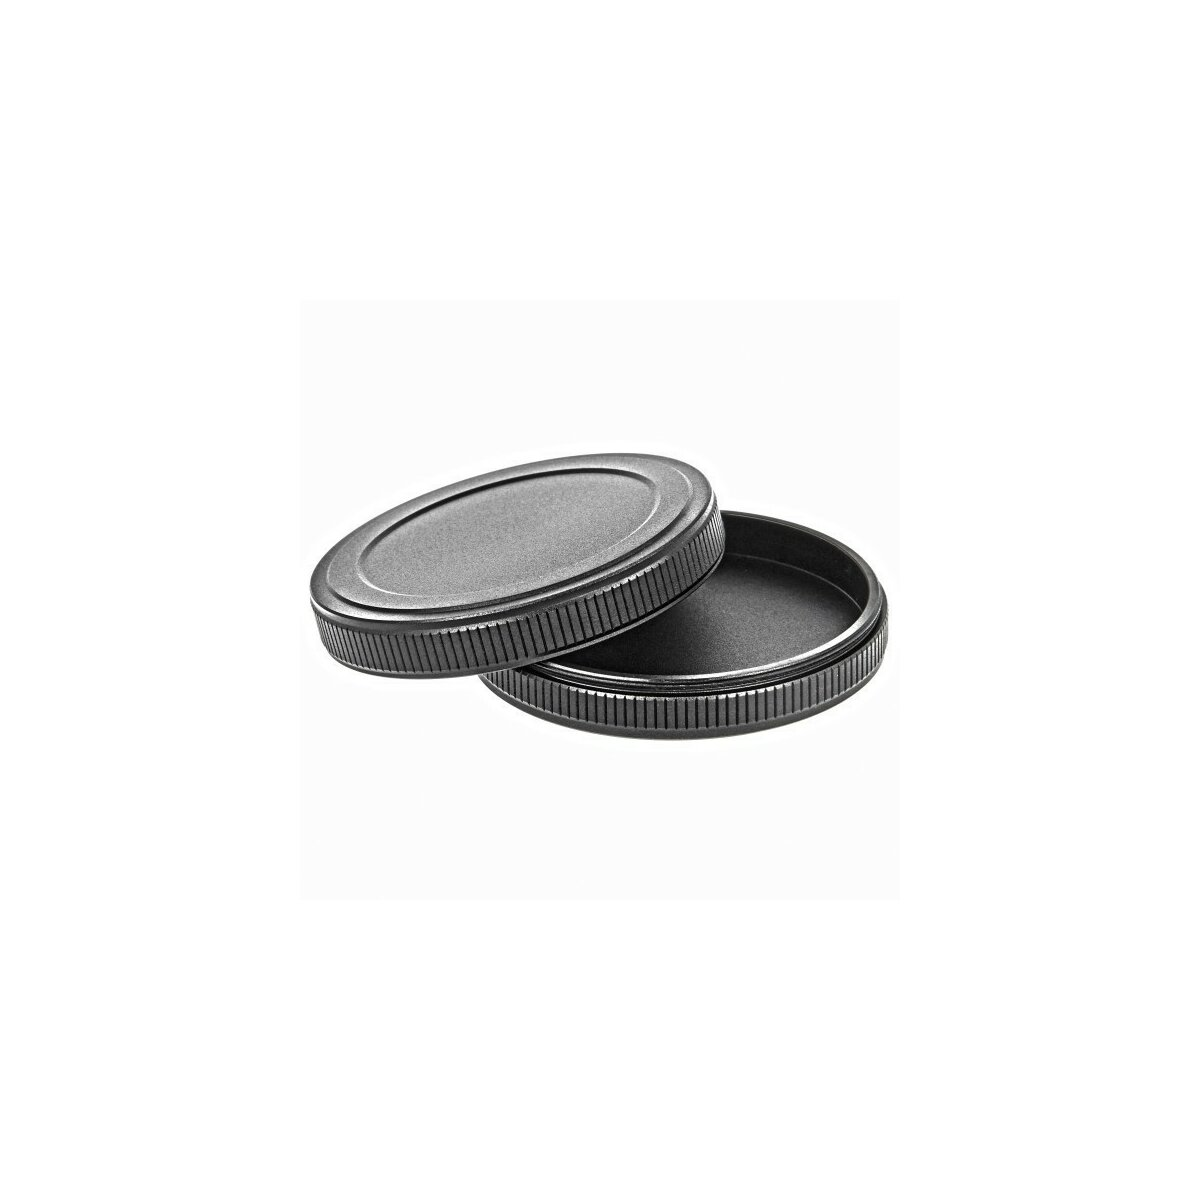 Aluminium Filter-Schutzdeckel / Schraub-Filterkappen fuer 77mm Filter - JJC SC-77